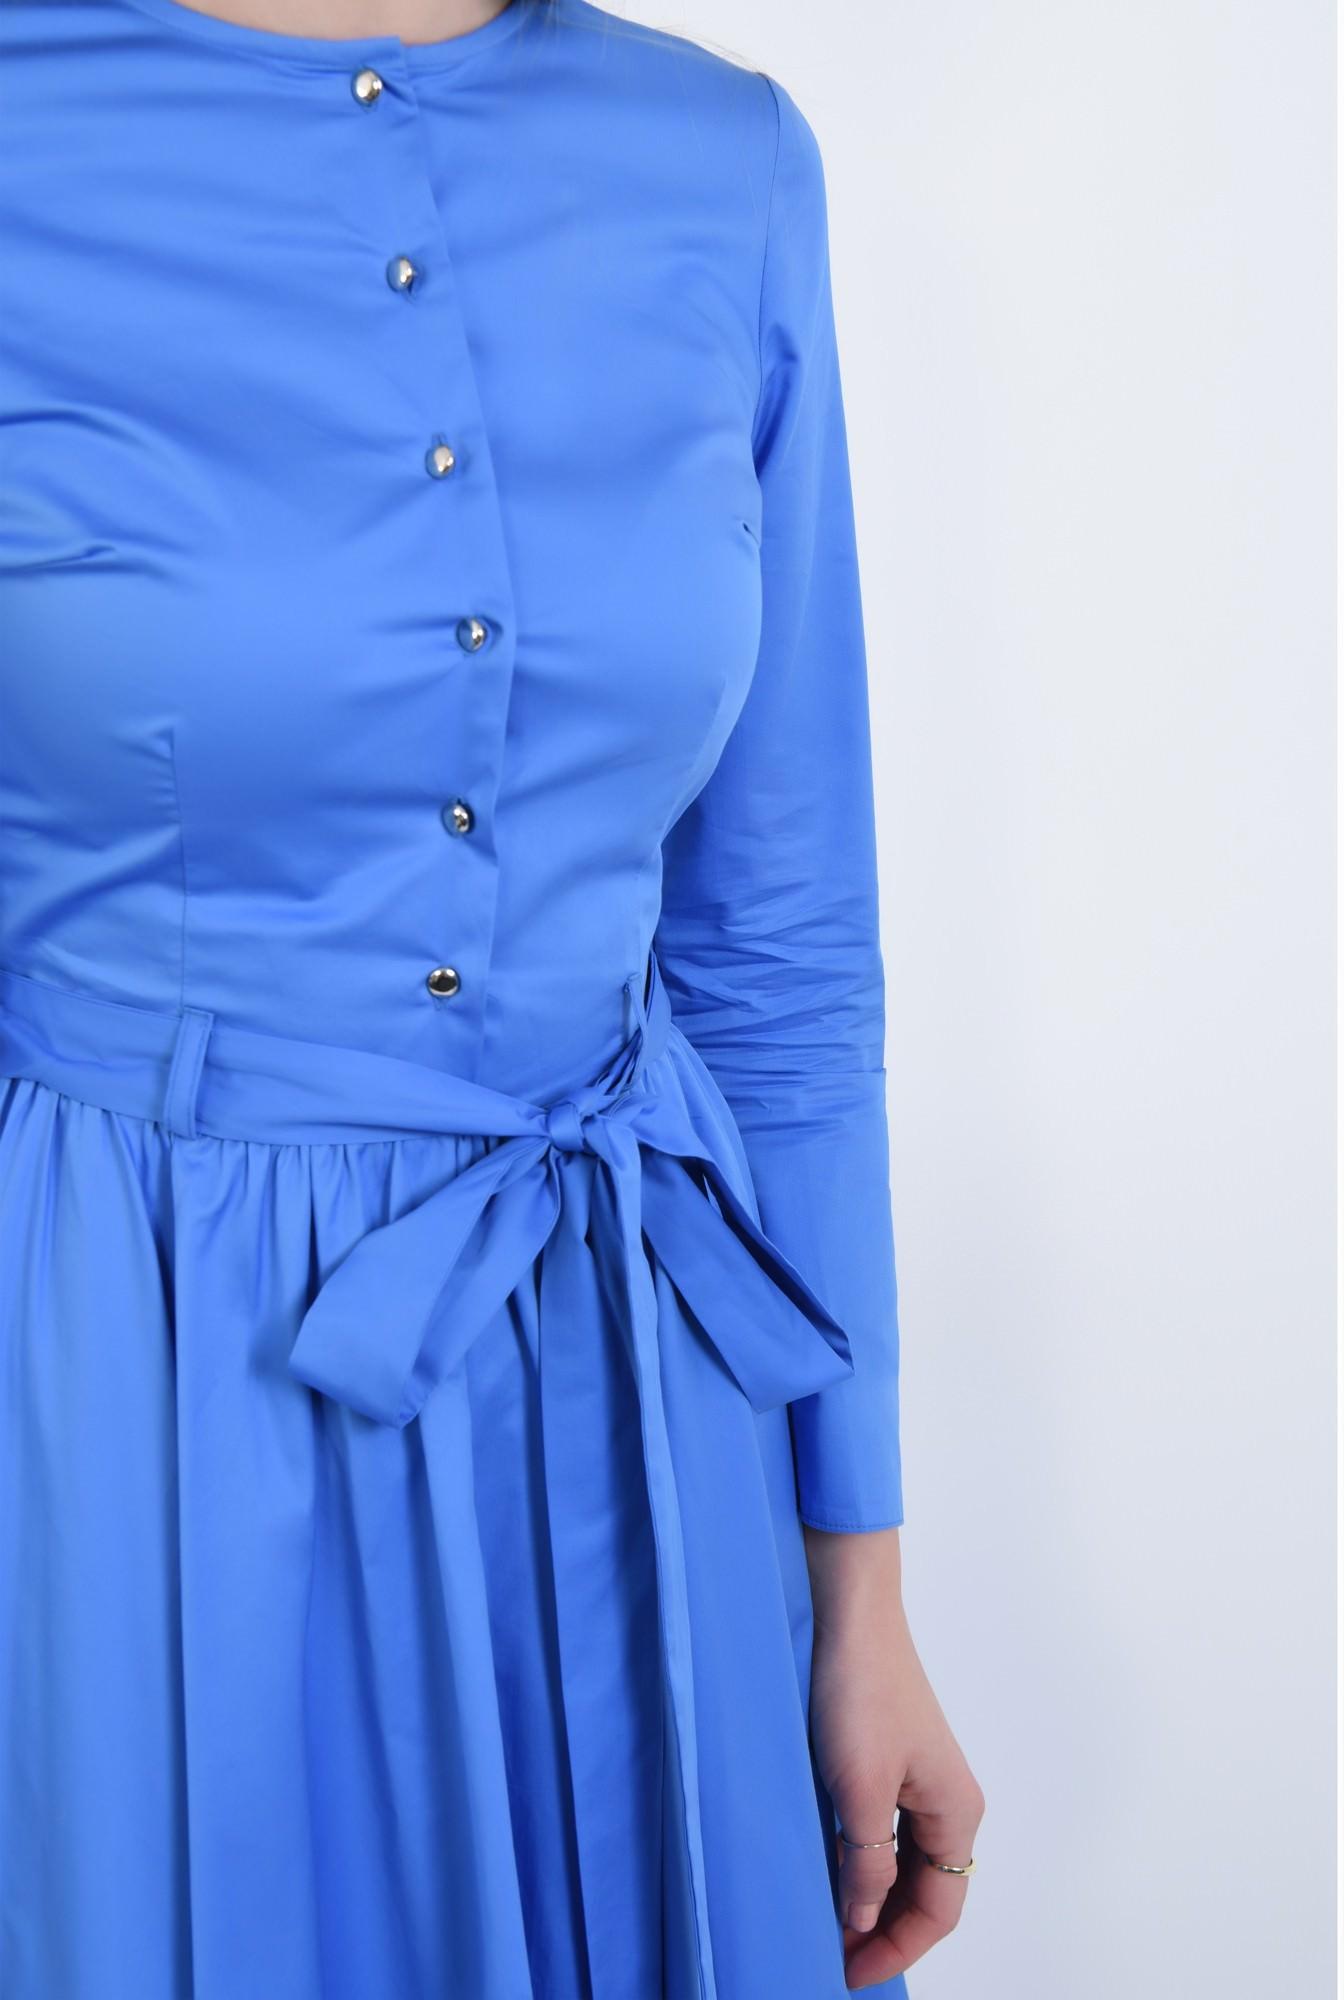 2 - Rochie casual albastra, midi